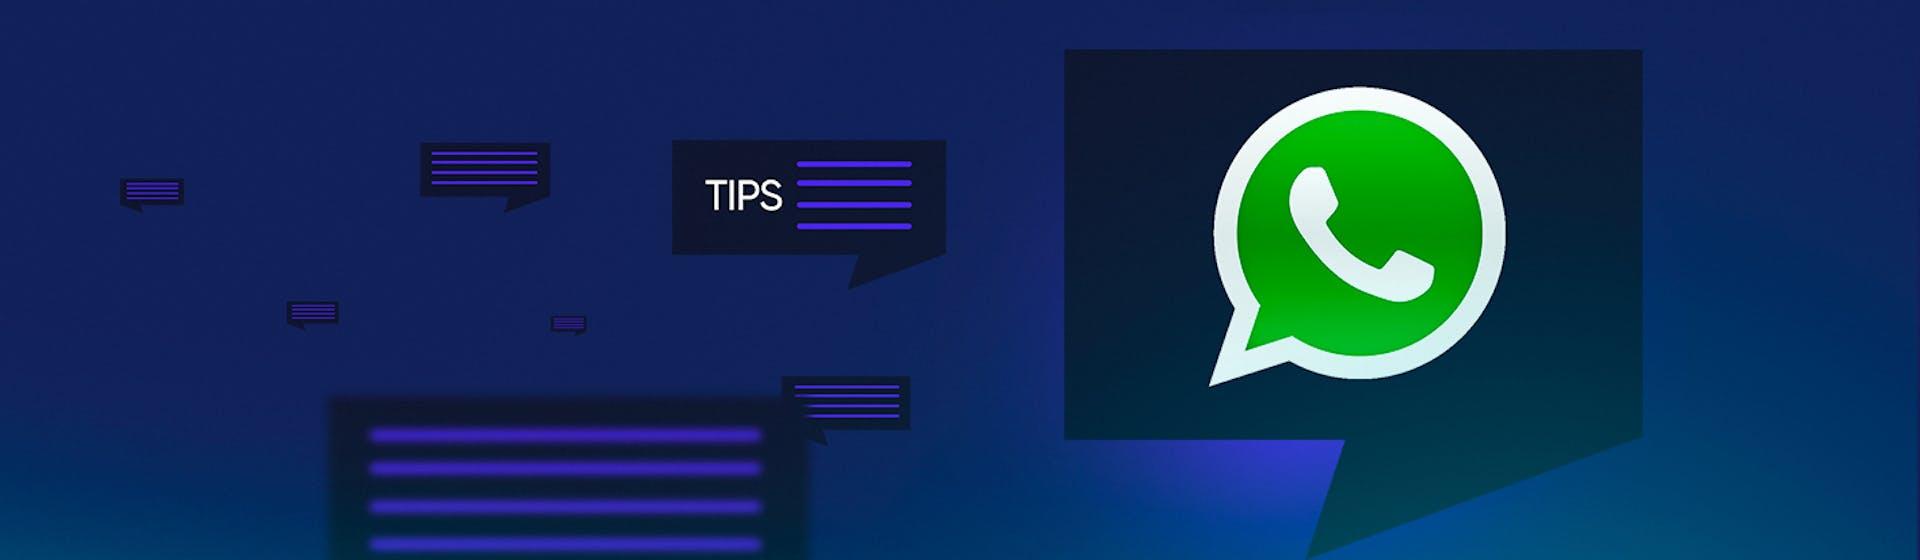 10+ tips de WhatsApp que no conocías ¡Descubre los secretos de WhatsApp!